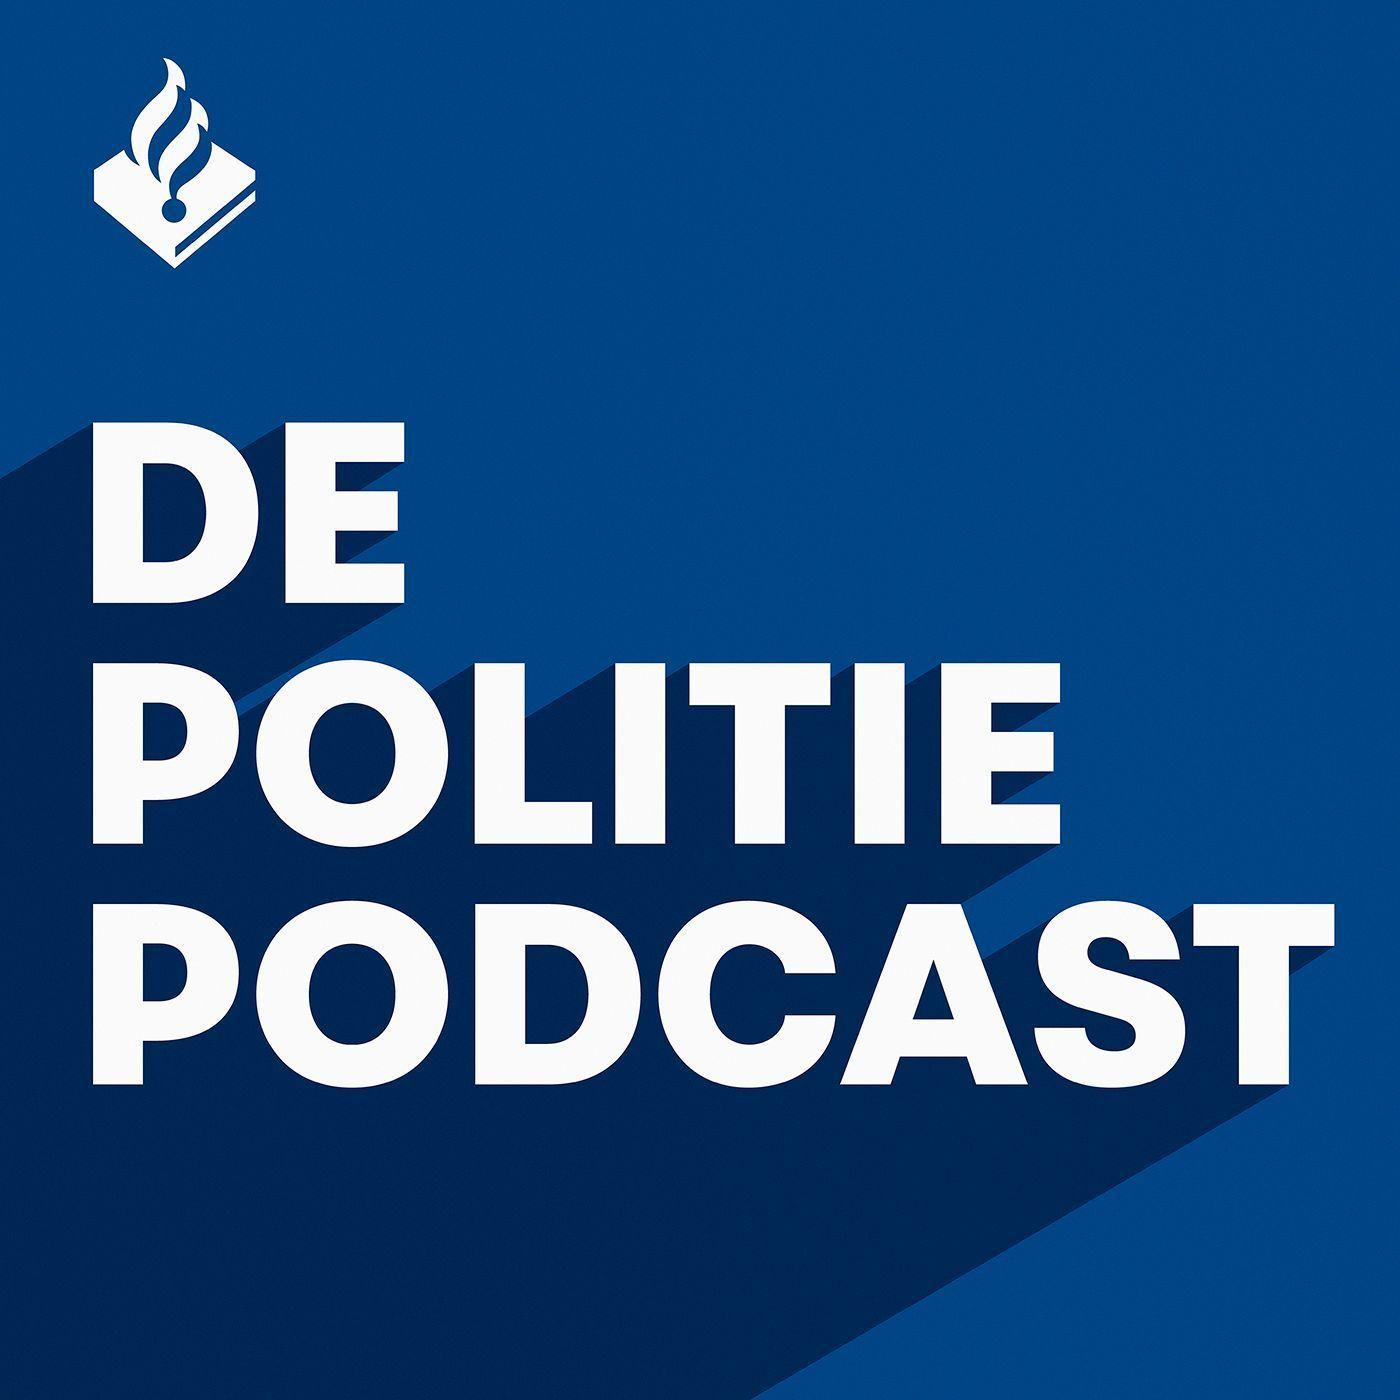 De Politiepodcast logo